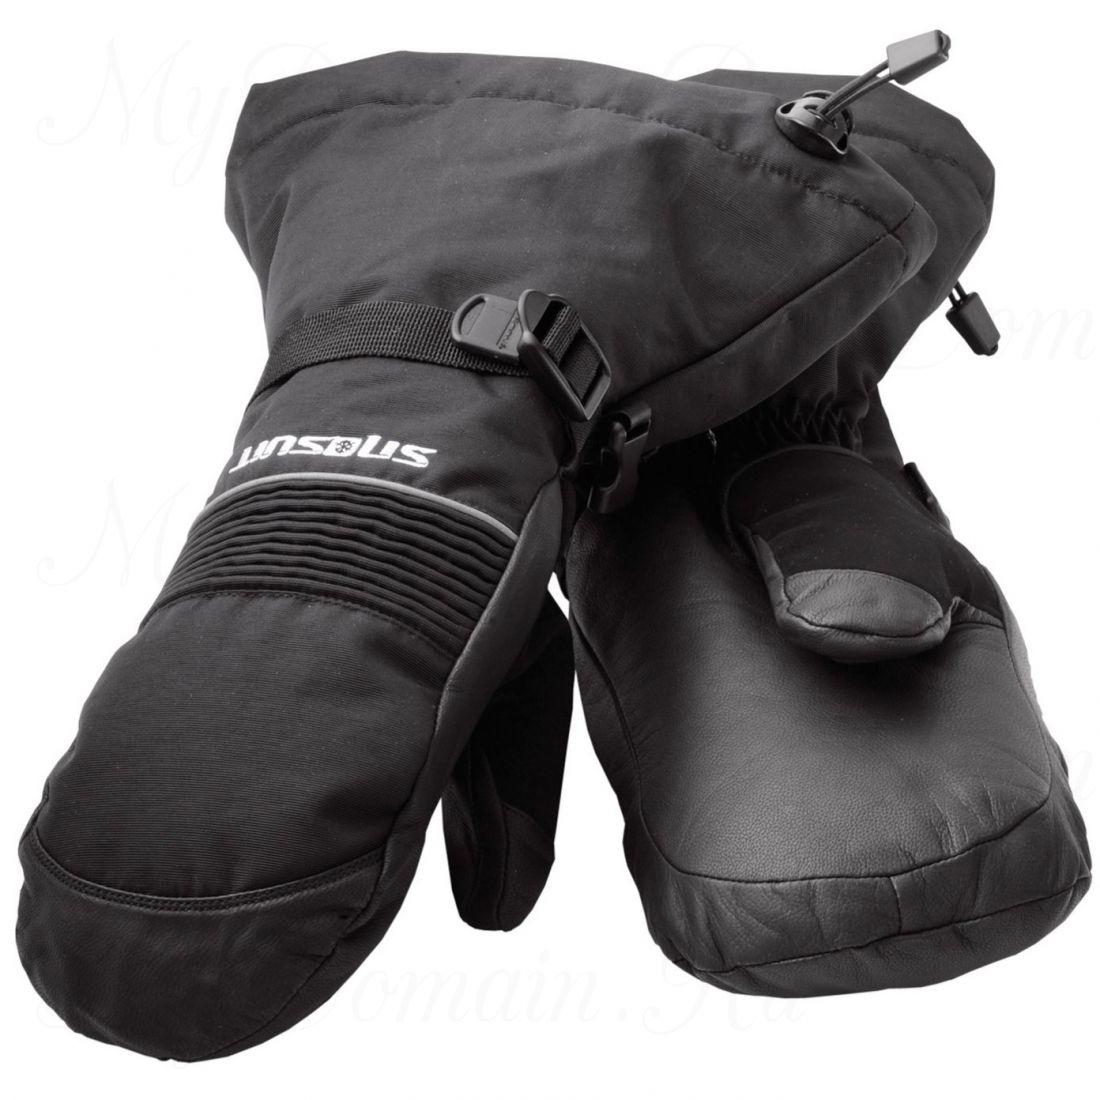 Рукавицы Frabill FXE™ Gauntlet Mitt водо/ветрозащитные дышащие кожа черные размер S